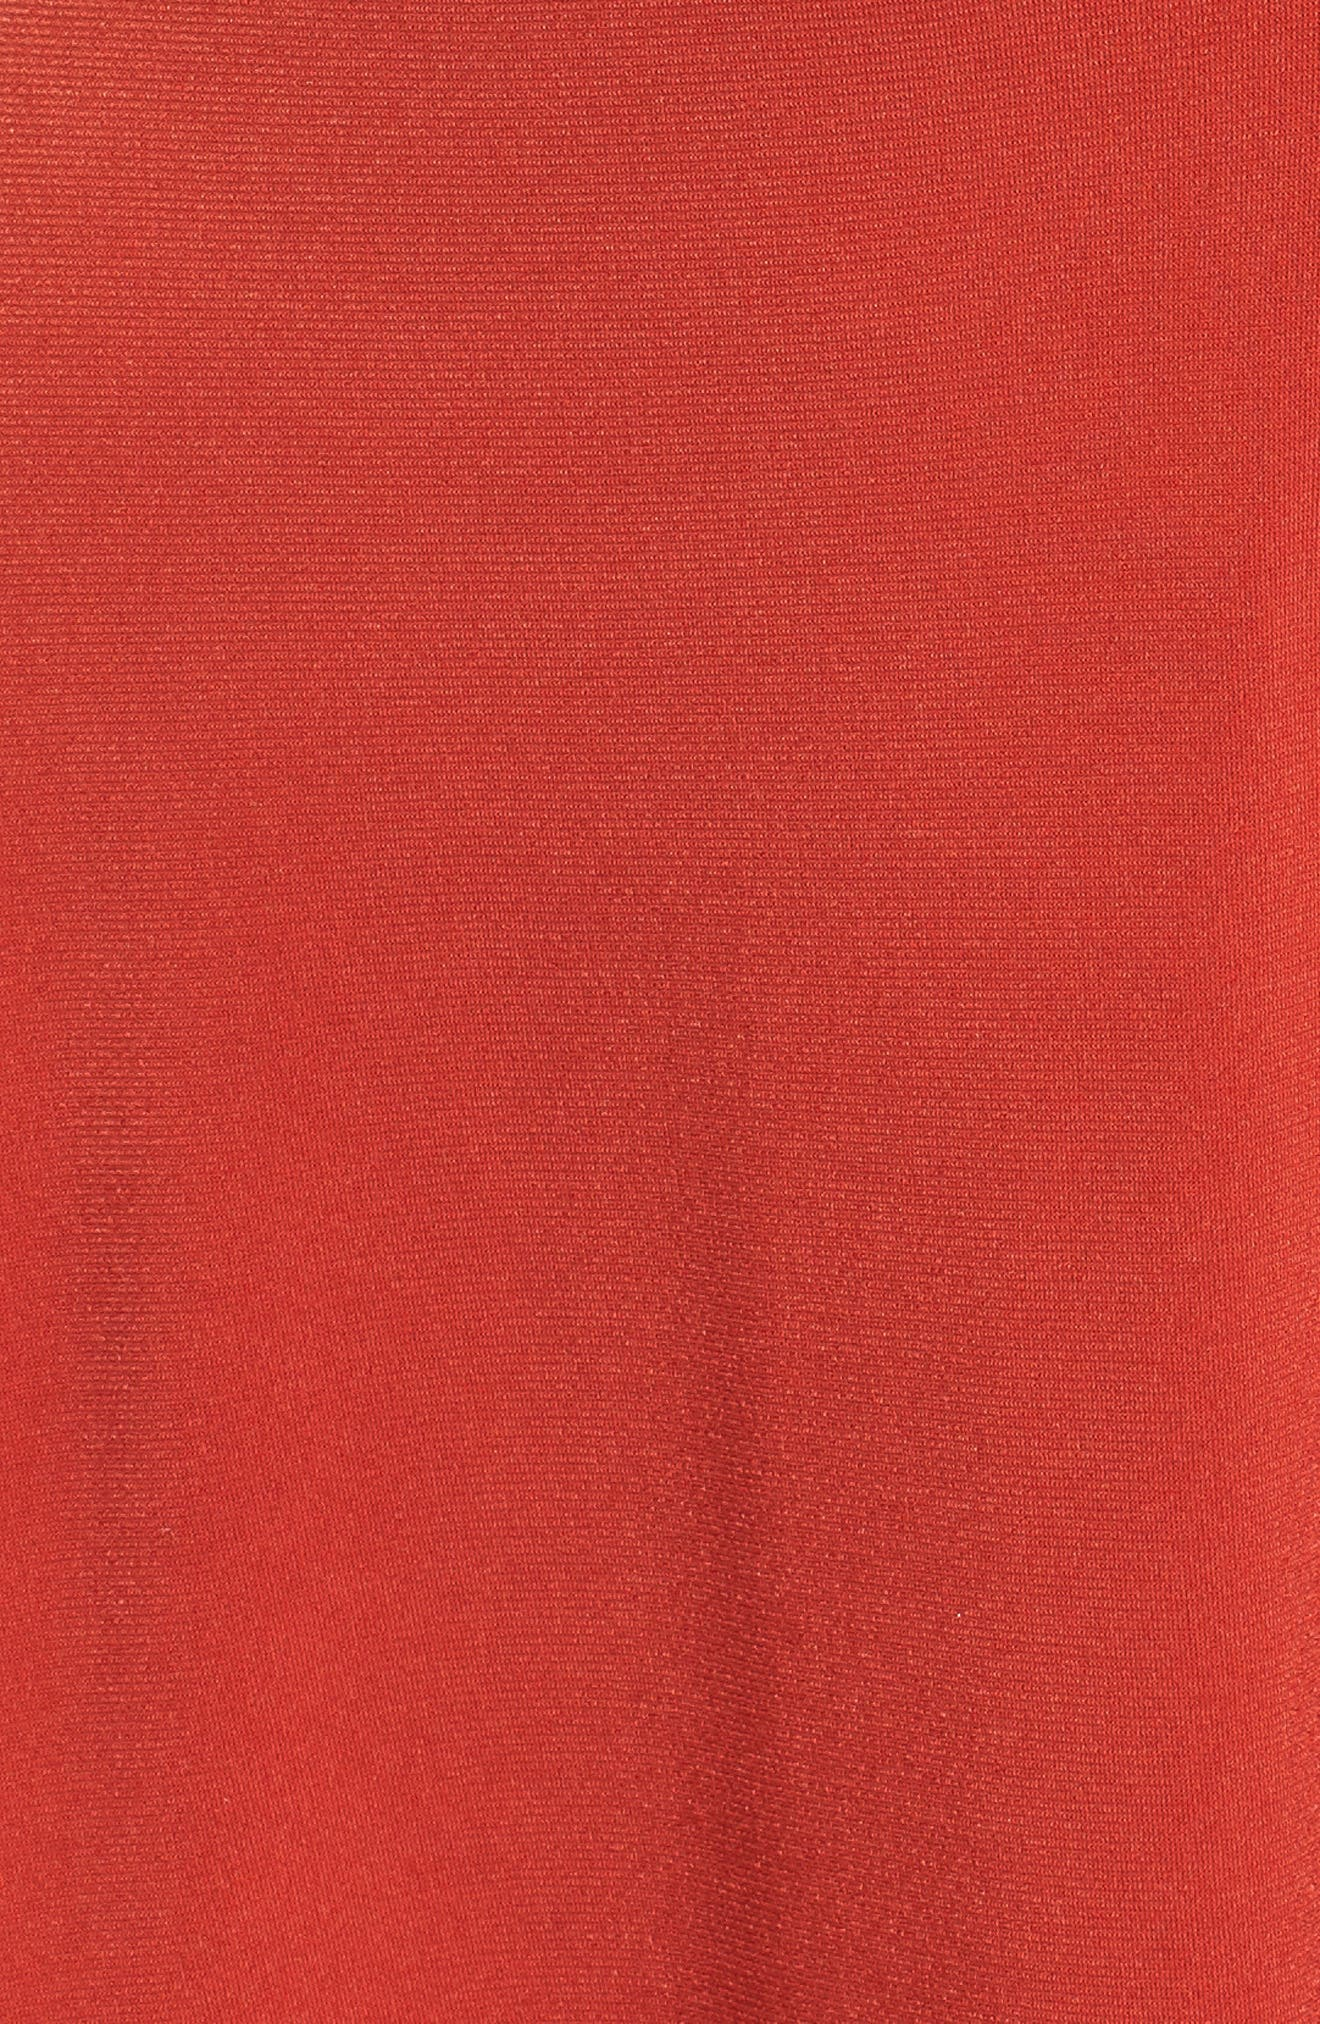 Cinch Front Dress,                             Alternate thumbnail 5, color,                             610